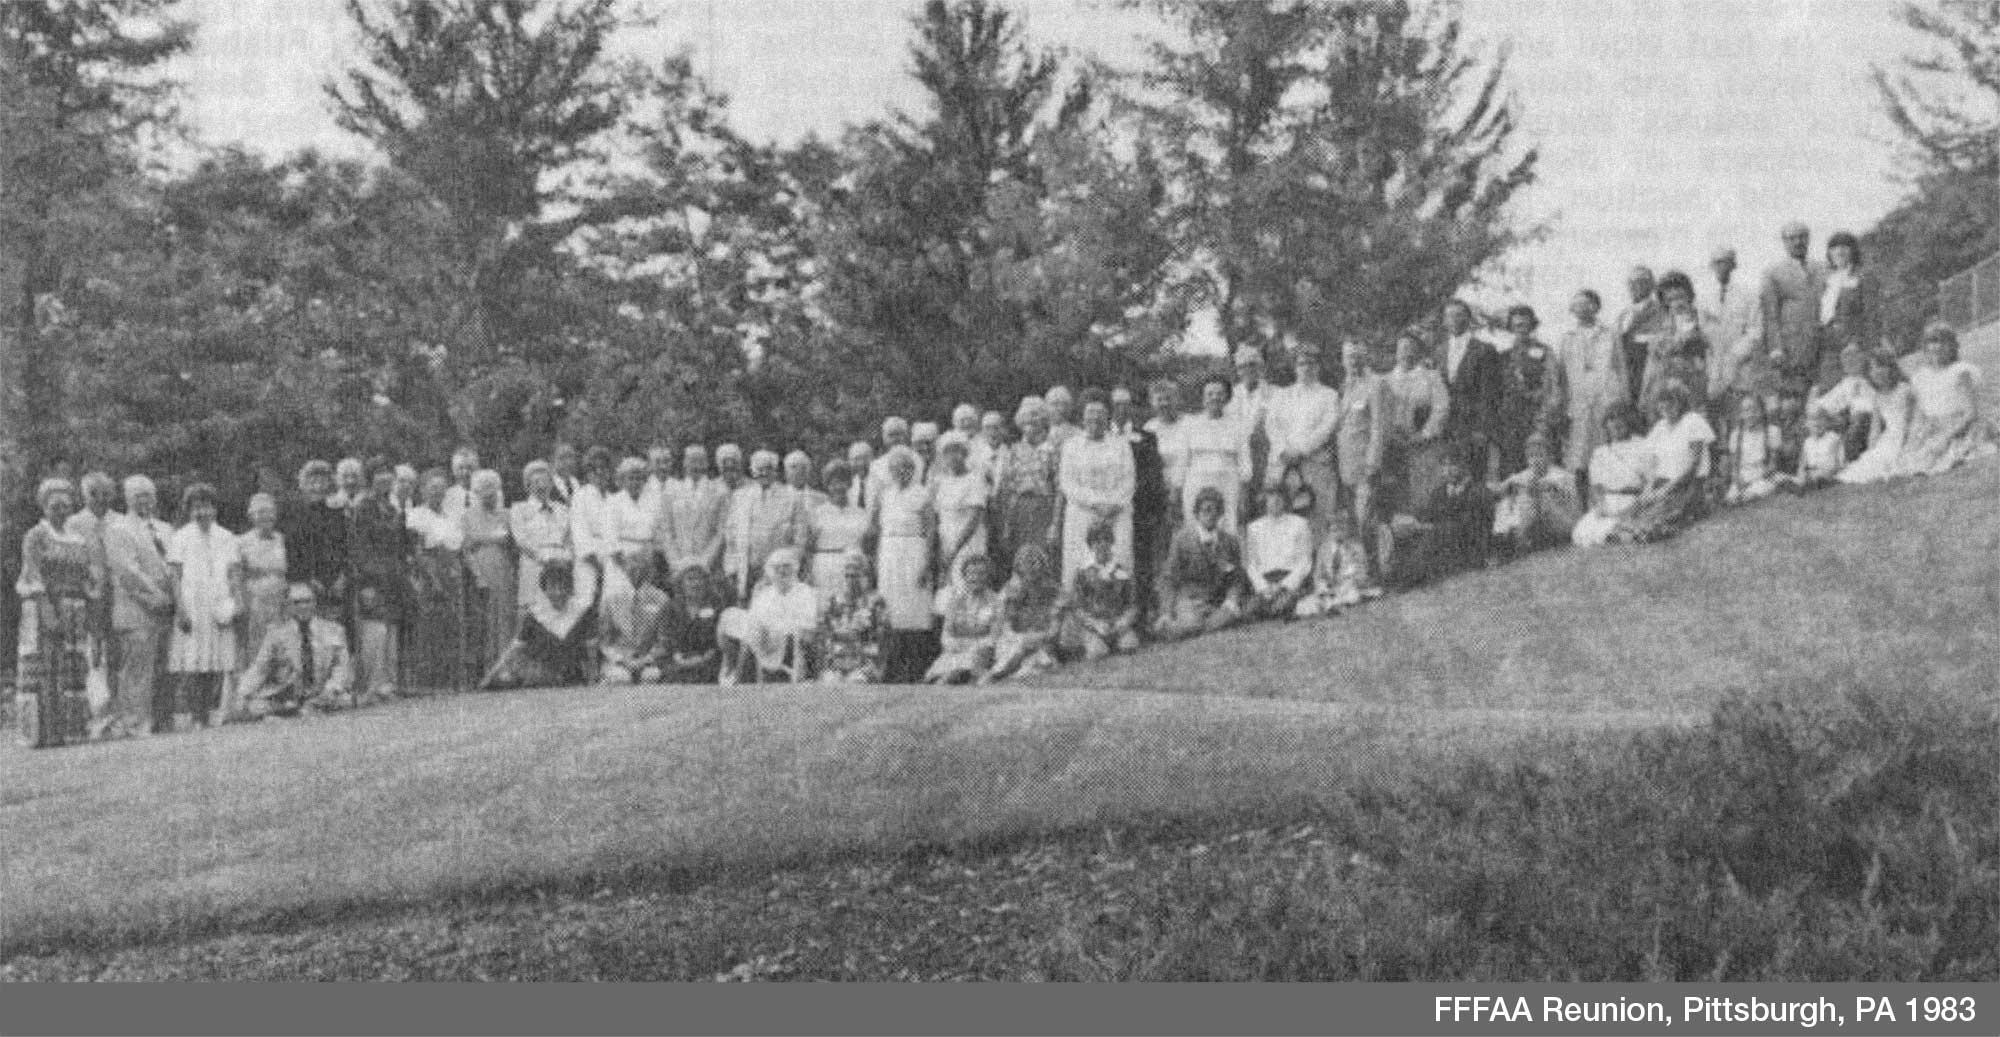 FFFAA-Reunions3